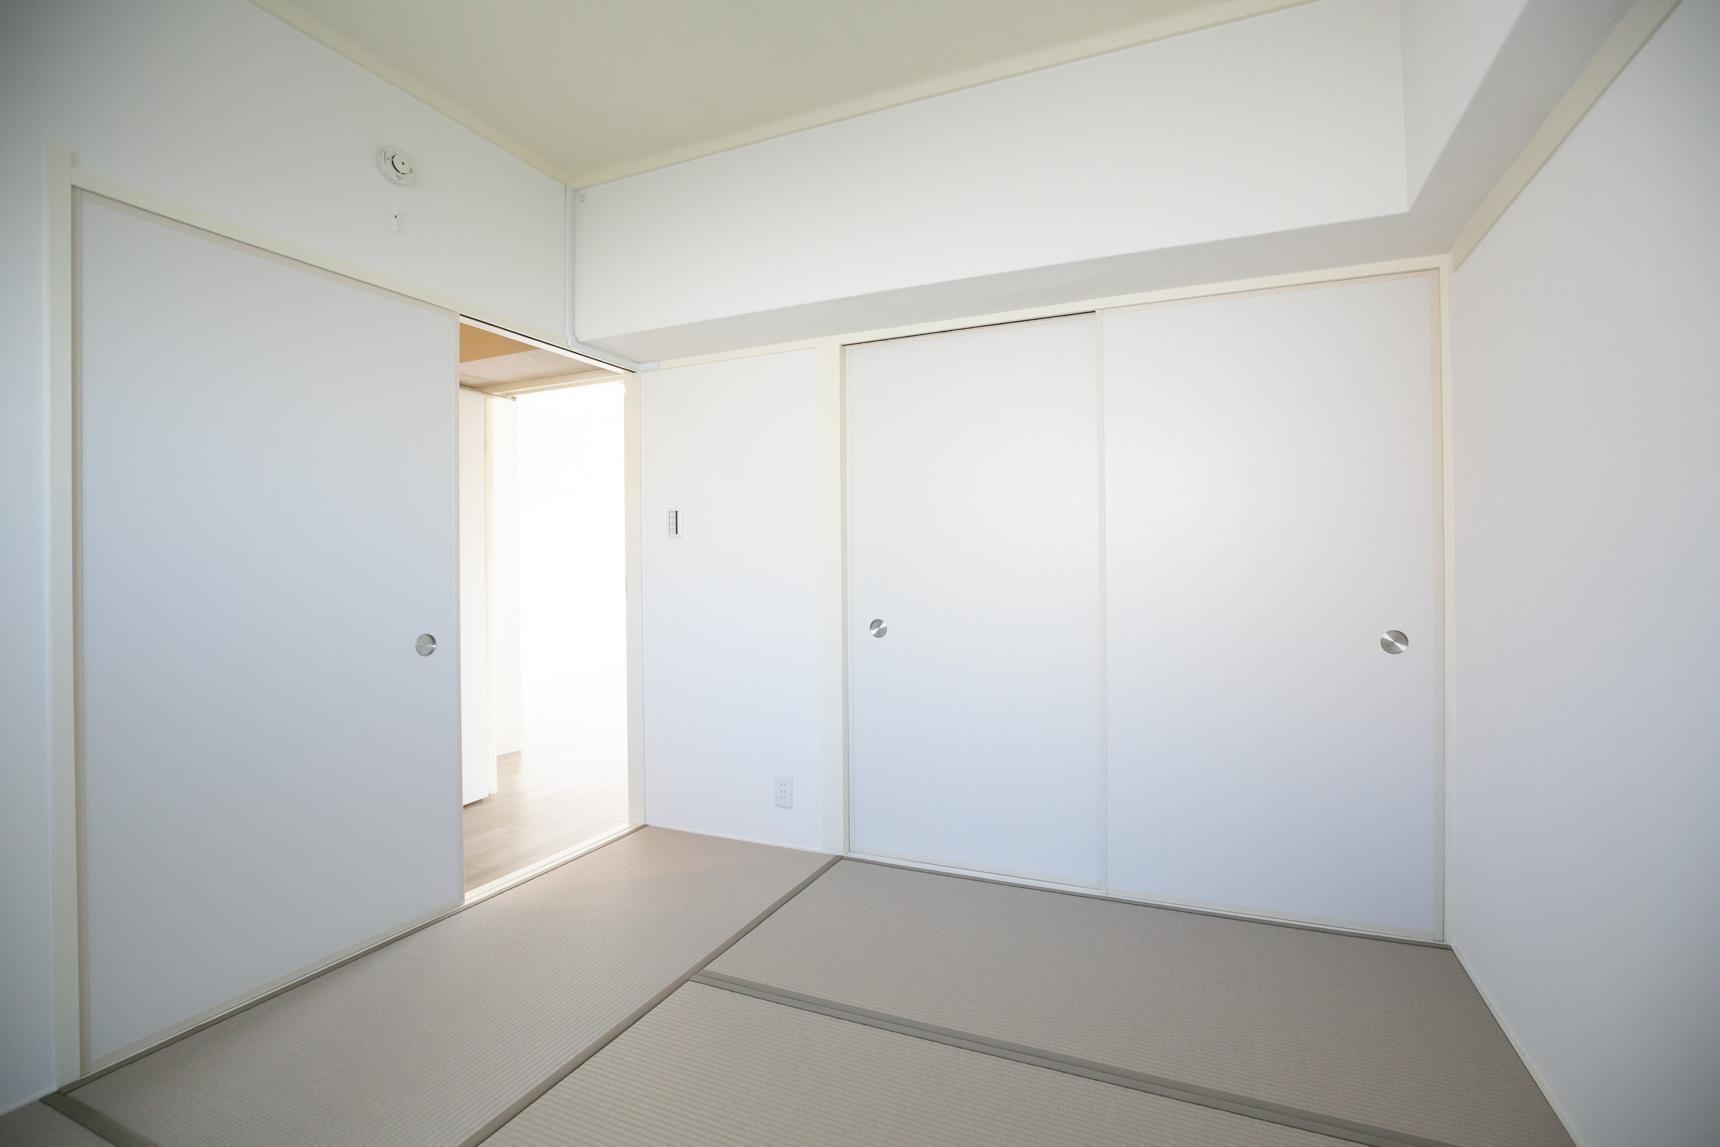 注目したいのは、和室。昔ながらのい草の色ではなく、樹脂製のカラー畳が使われているほか、襖の縁などもしっかりカラーコーディネートされているので、洋風なインテリアにも合いそうです。